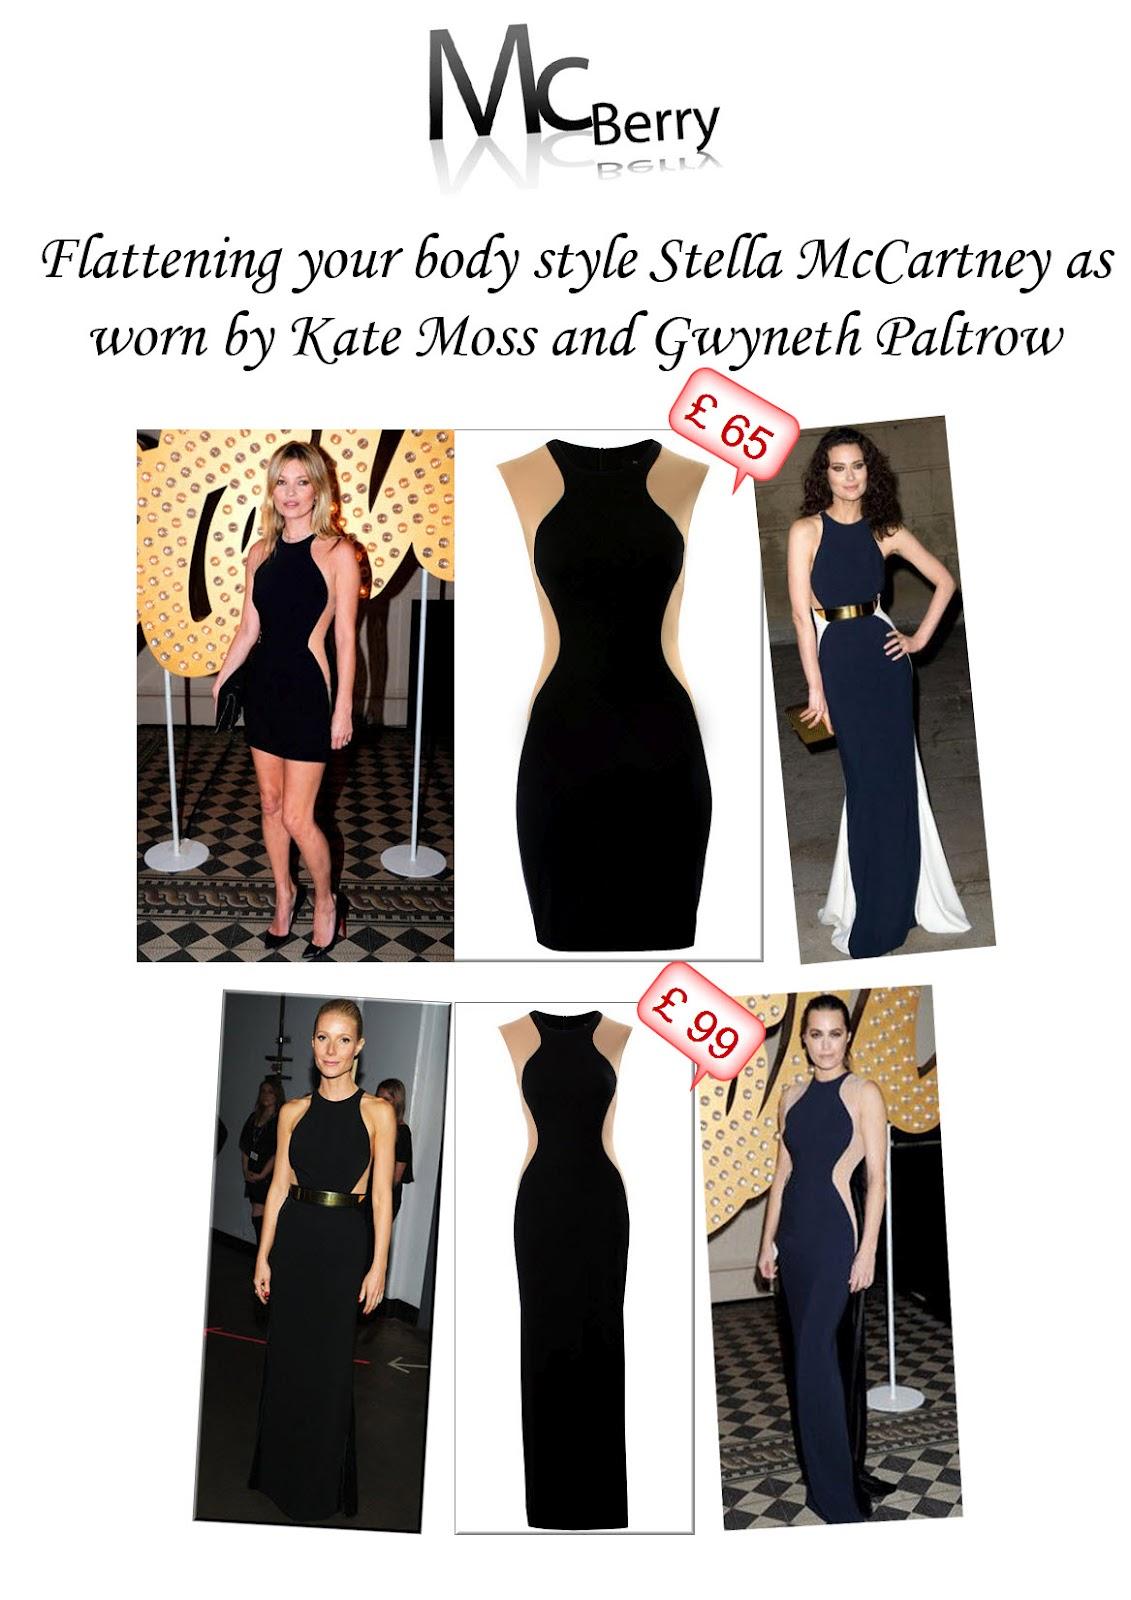 http://1.bp.blogspot.com/-vhDe8ubU2Go/T7JJ-NbO_gI/AAAAAAAAAX4/cuNJFeT3rBI/s1600/Steal+Kate+Moss+and+Gwyneth+Paltrow\'+style+in+Stella+McCartney.jpg